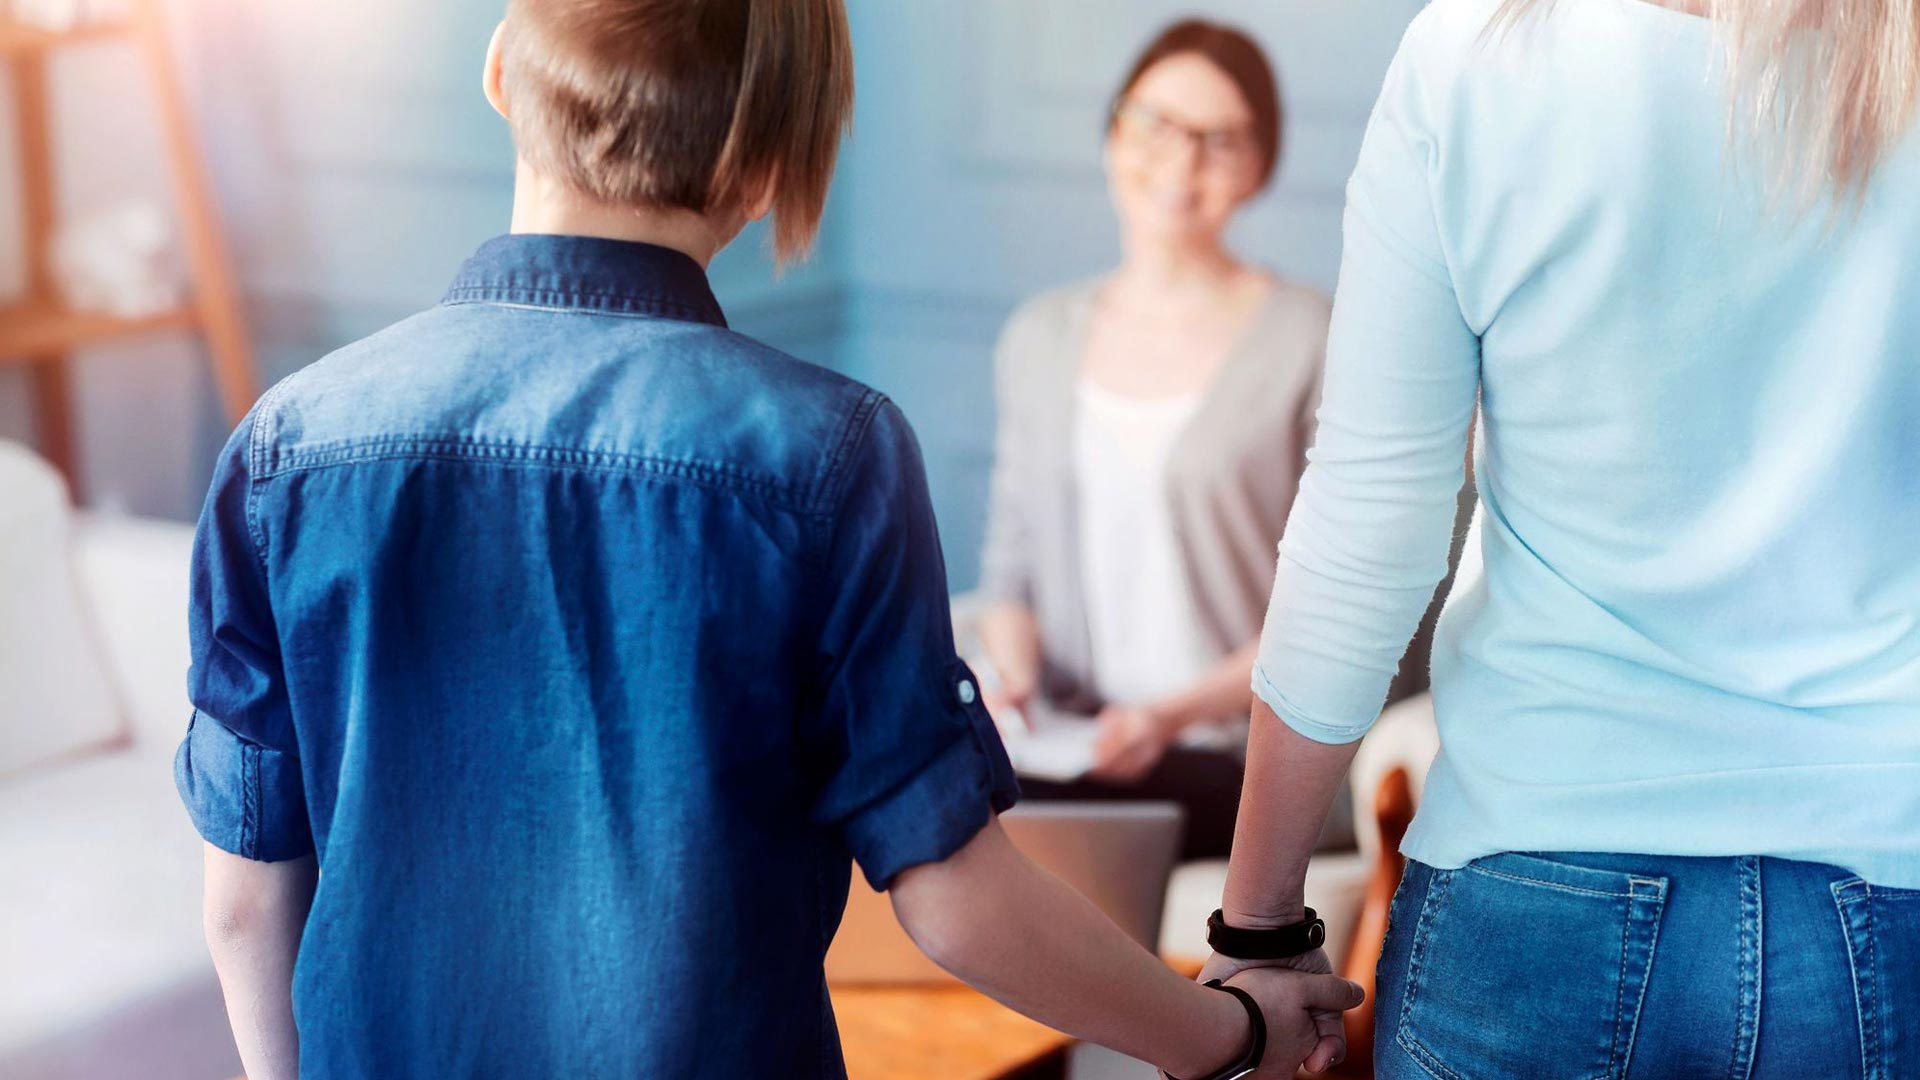 Yksikään lapsi ei ole itse valinnut sairastumistaan tai käytöshäiriötään – hoito on aikuisten yhteisellä vastuulla.